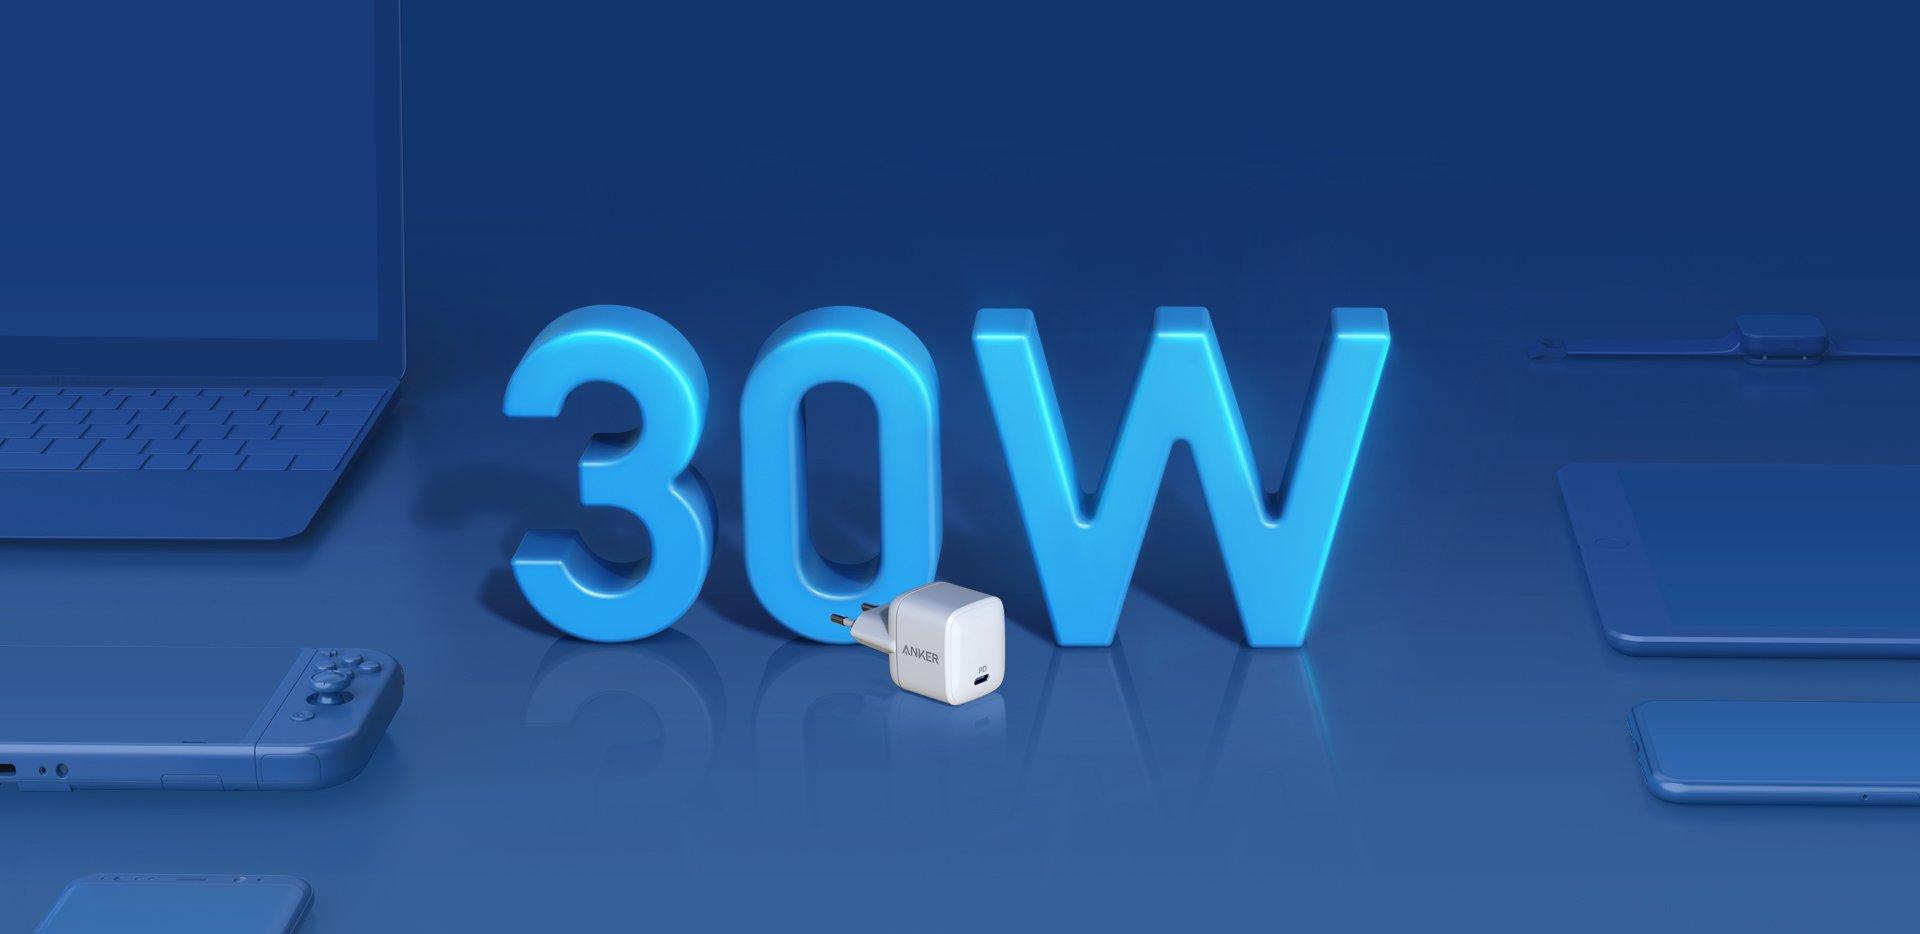 Anker reduziert USB-C iPhone Schnellladegerät & wasserdichte Bluetooth-Lautsprecher 2